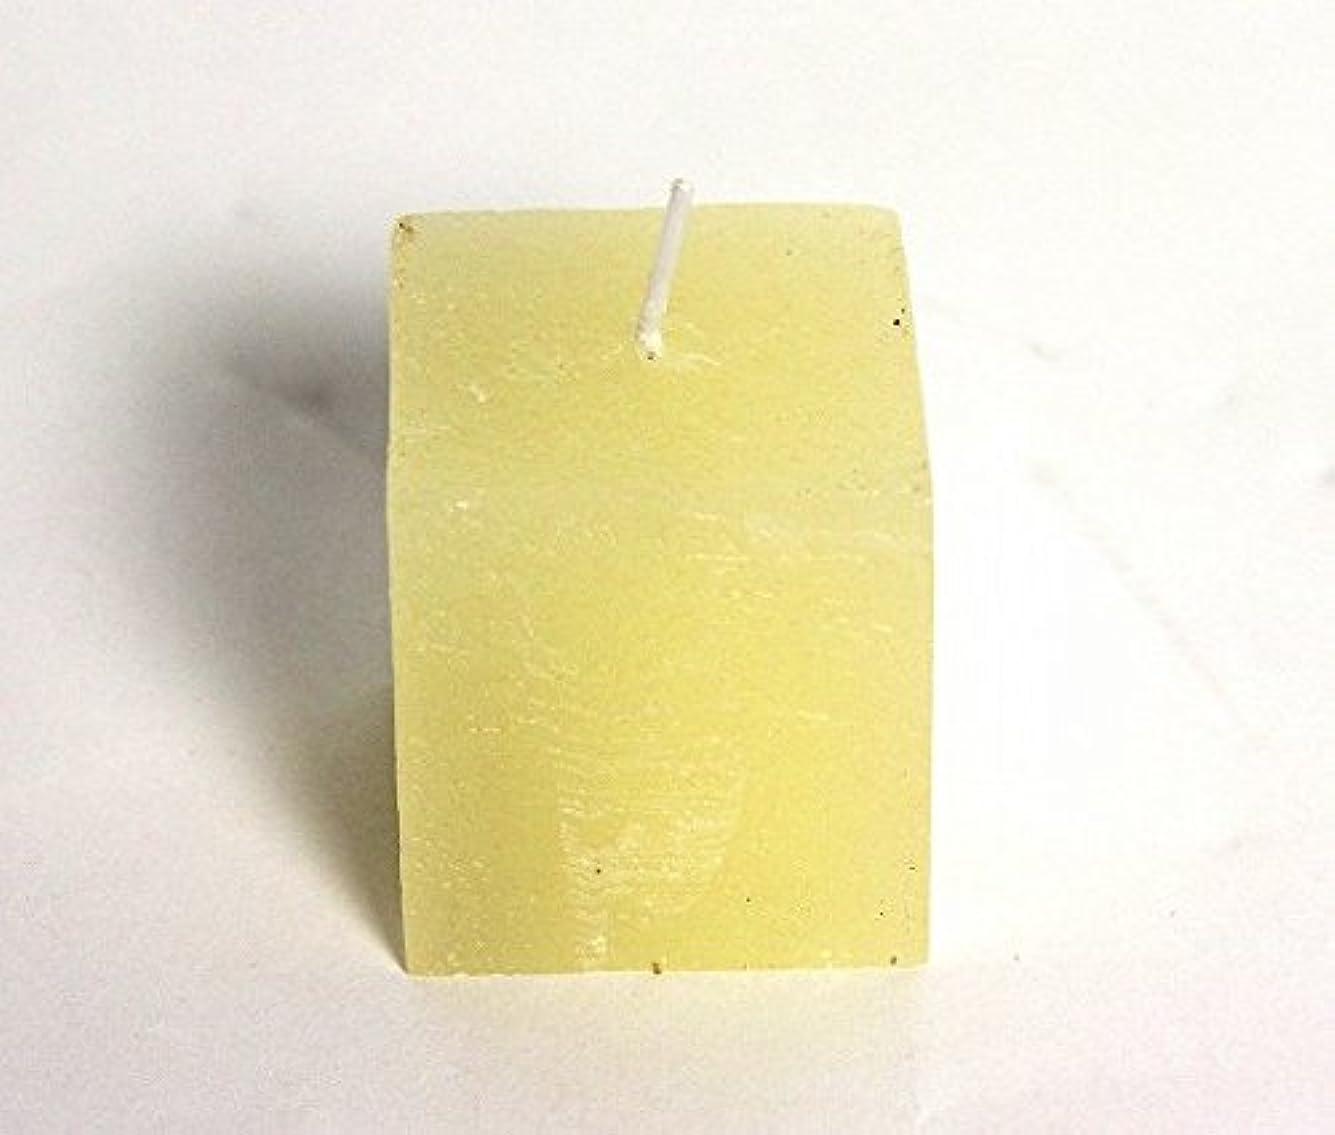 凝視進化純粋にkameyama candle(カメヤマキャンドル) ラスティクミニキューブ 「 アイボリー 」(A4921000IV)